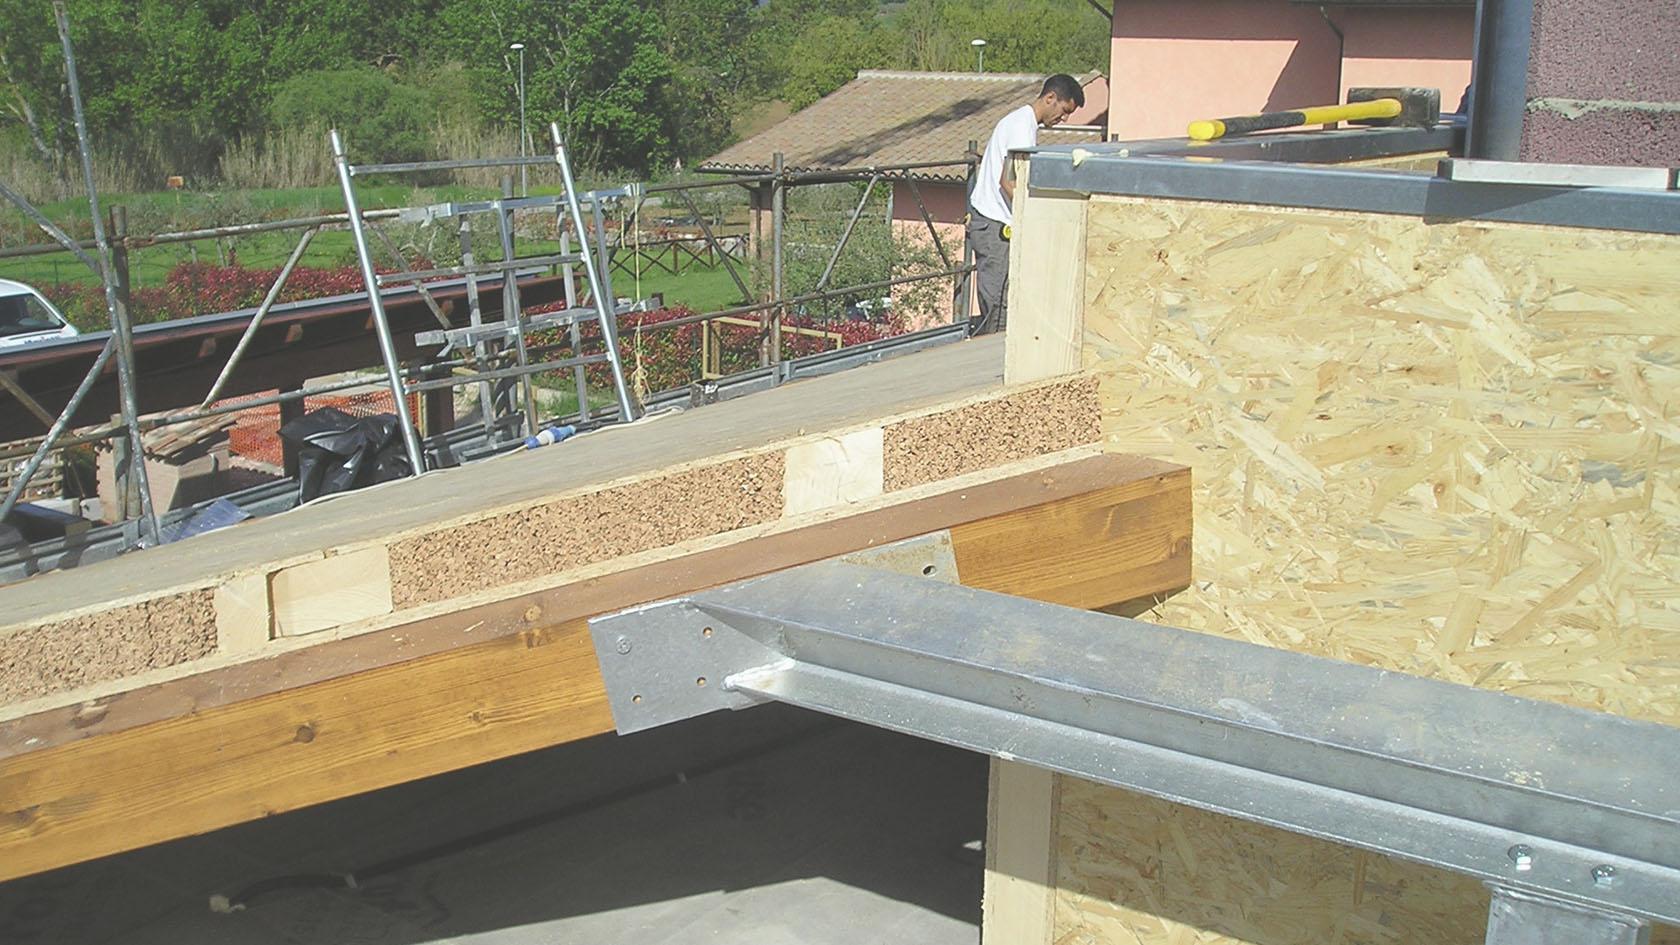 Tetti prefabbricati in legno - Sistema Tetto Sisto